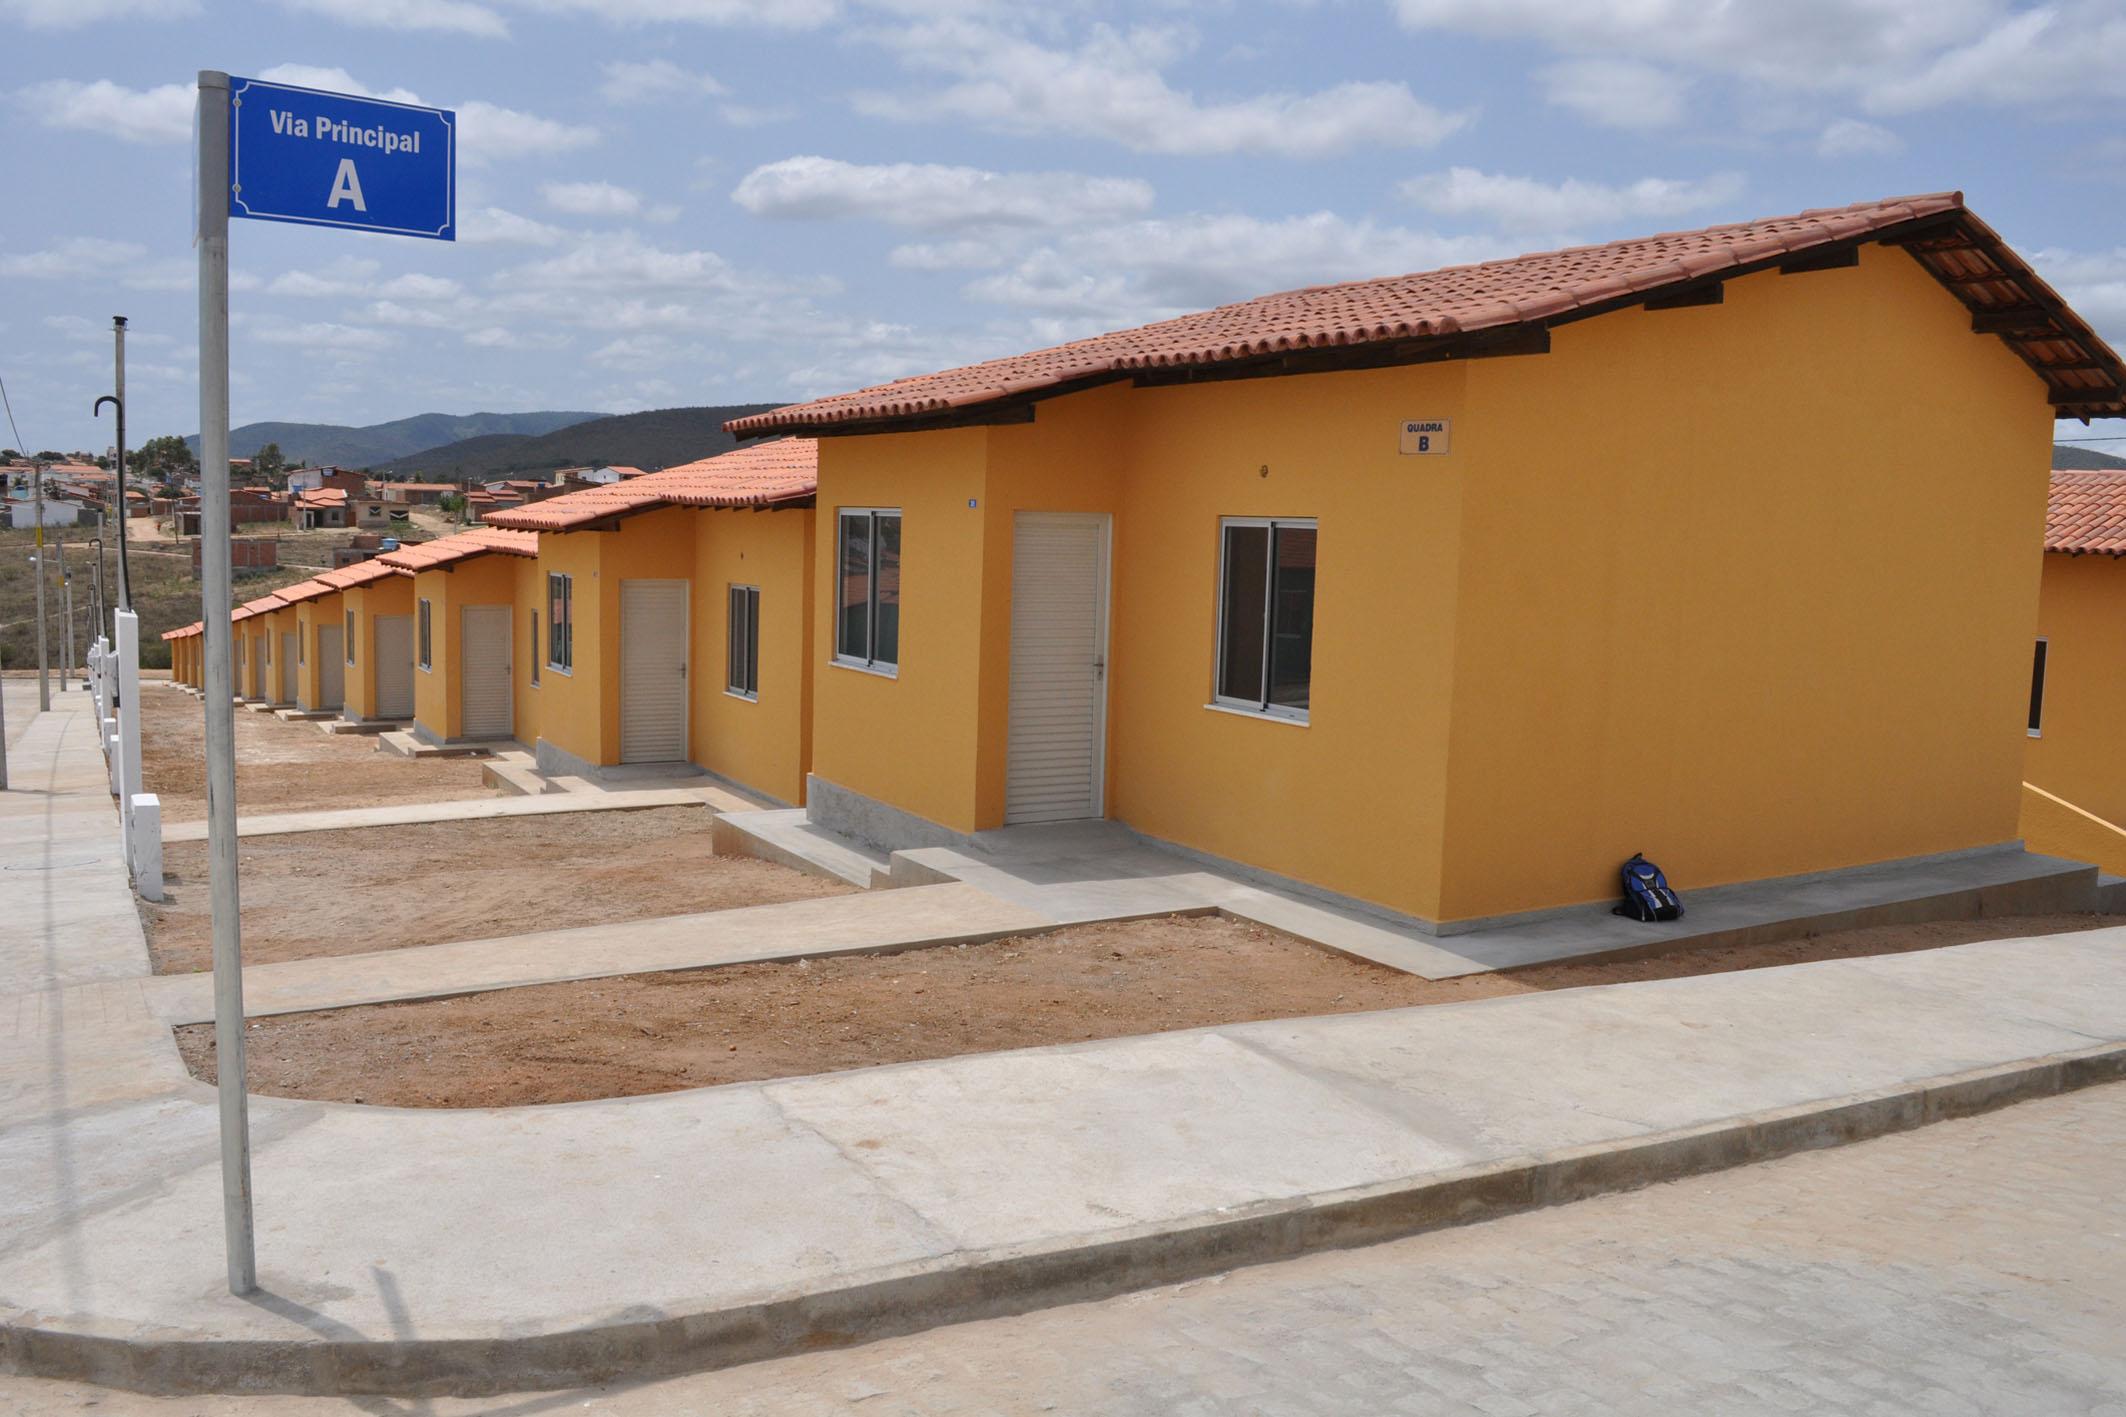 Crisi i permessi per costruire nuove case crollano del 28 for Nuove case vittoriane